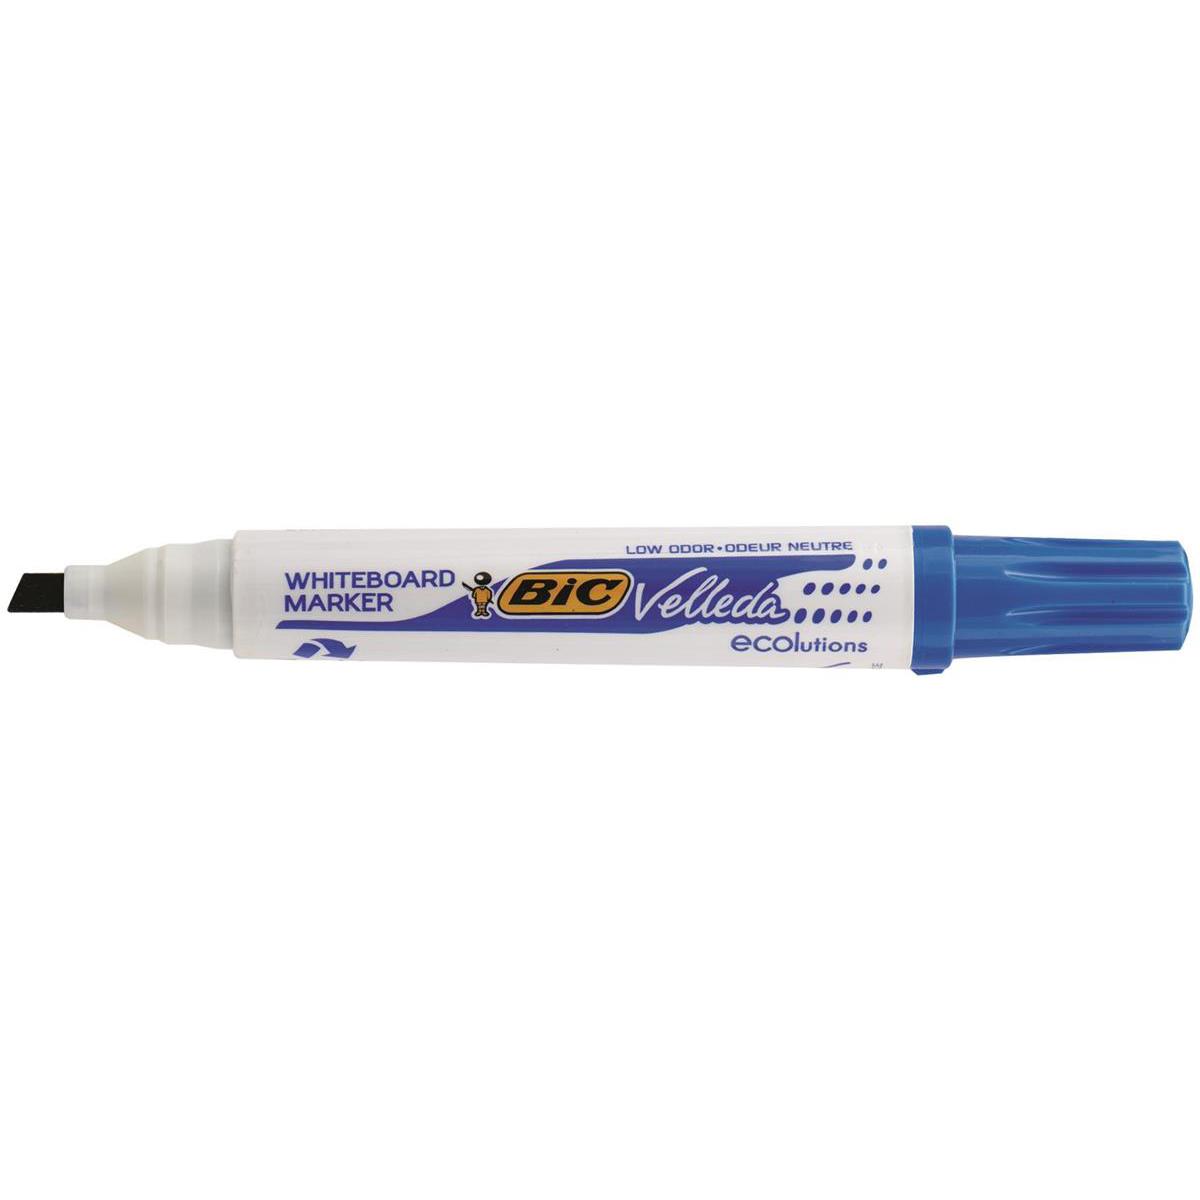 Bic Velleda Marker W/bd Dry-wipe 1751 Large Chisel Tip 3.7-5.5mm Line Width Assorted Ref 904950 Pack 4